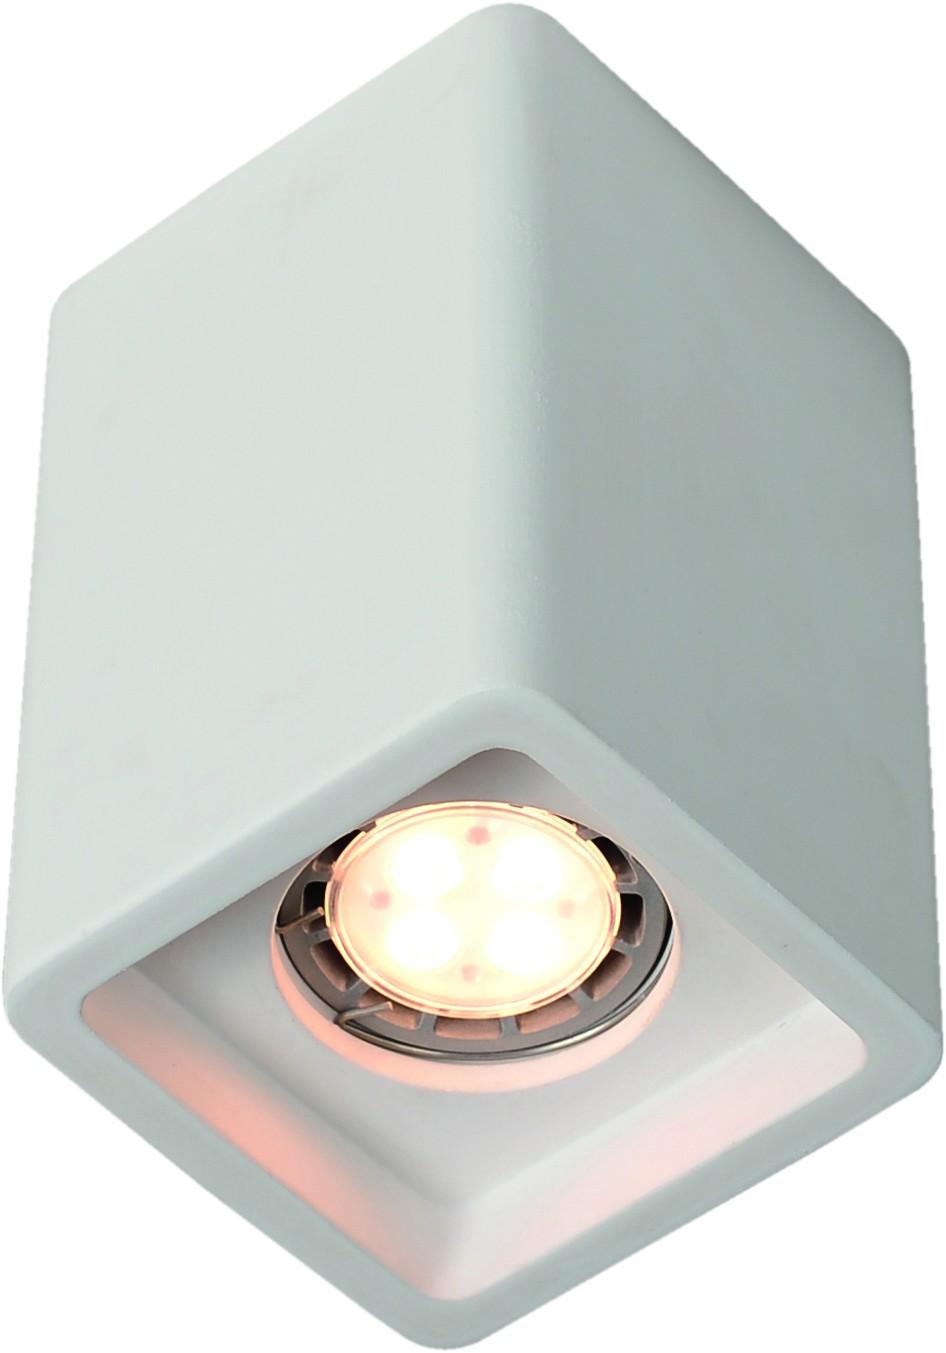 Светильник встраиваемый Arte lamp A9261pl-1wh встраиваемый светильник arte lamp cielo a7314pl 1wh